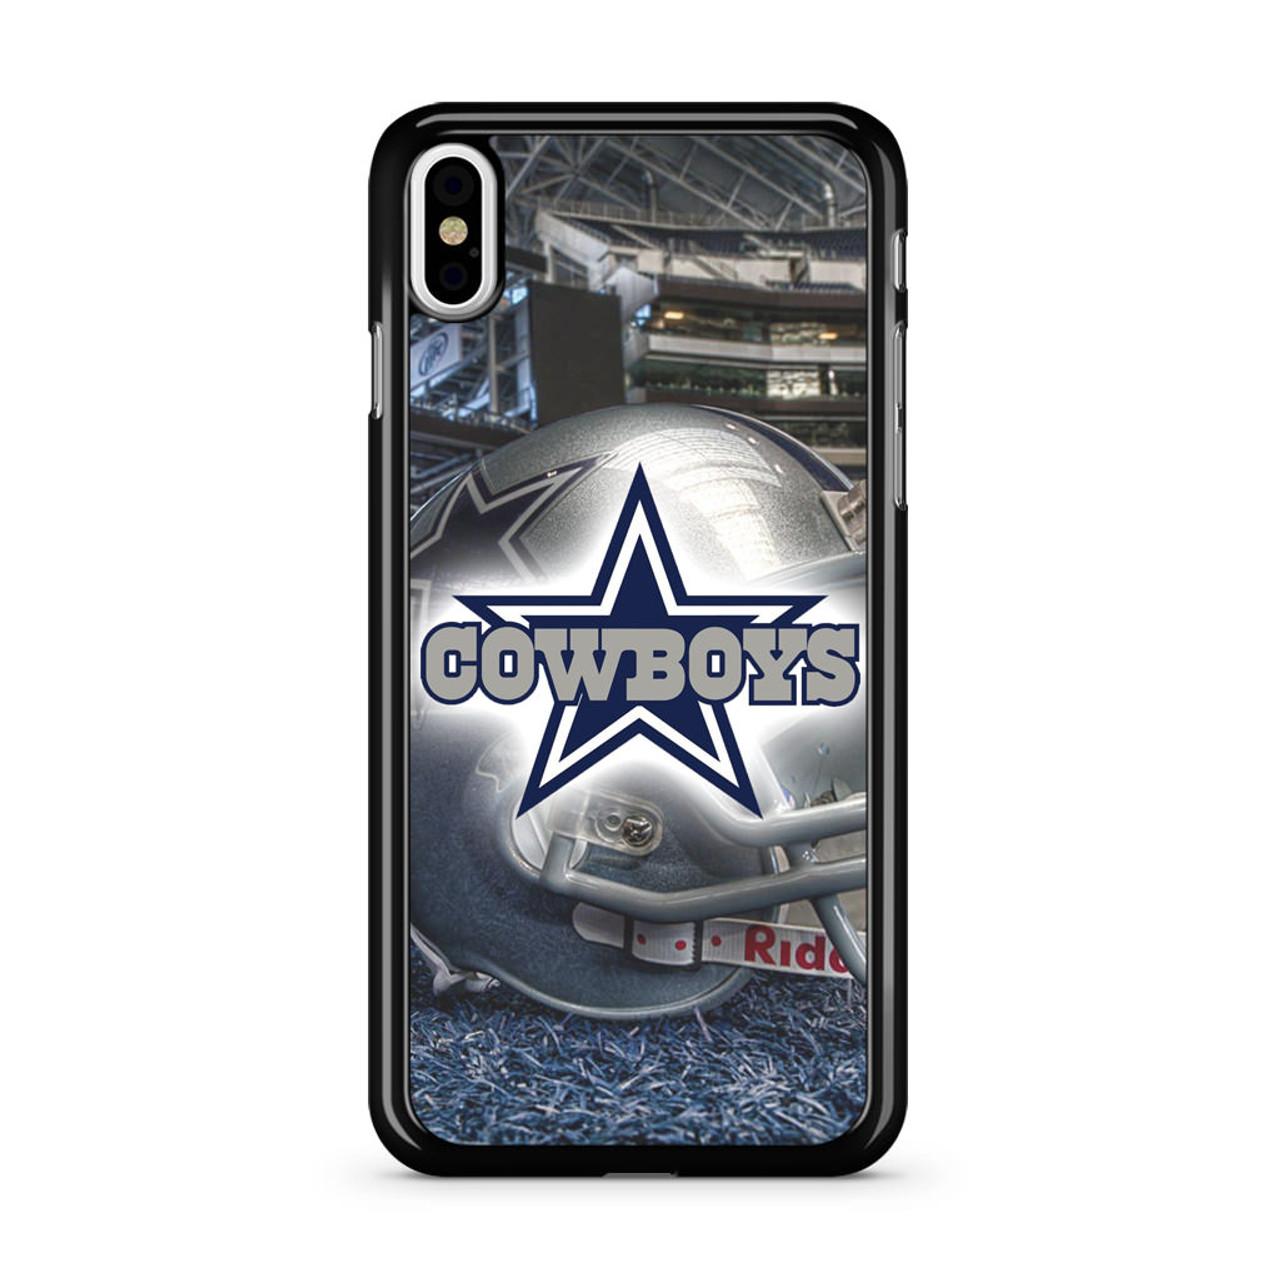 separation shoes b15e9 905c7 NFL Dallas Cowboys iPhone XS Max Case